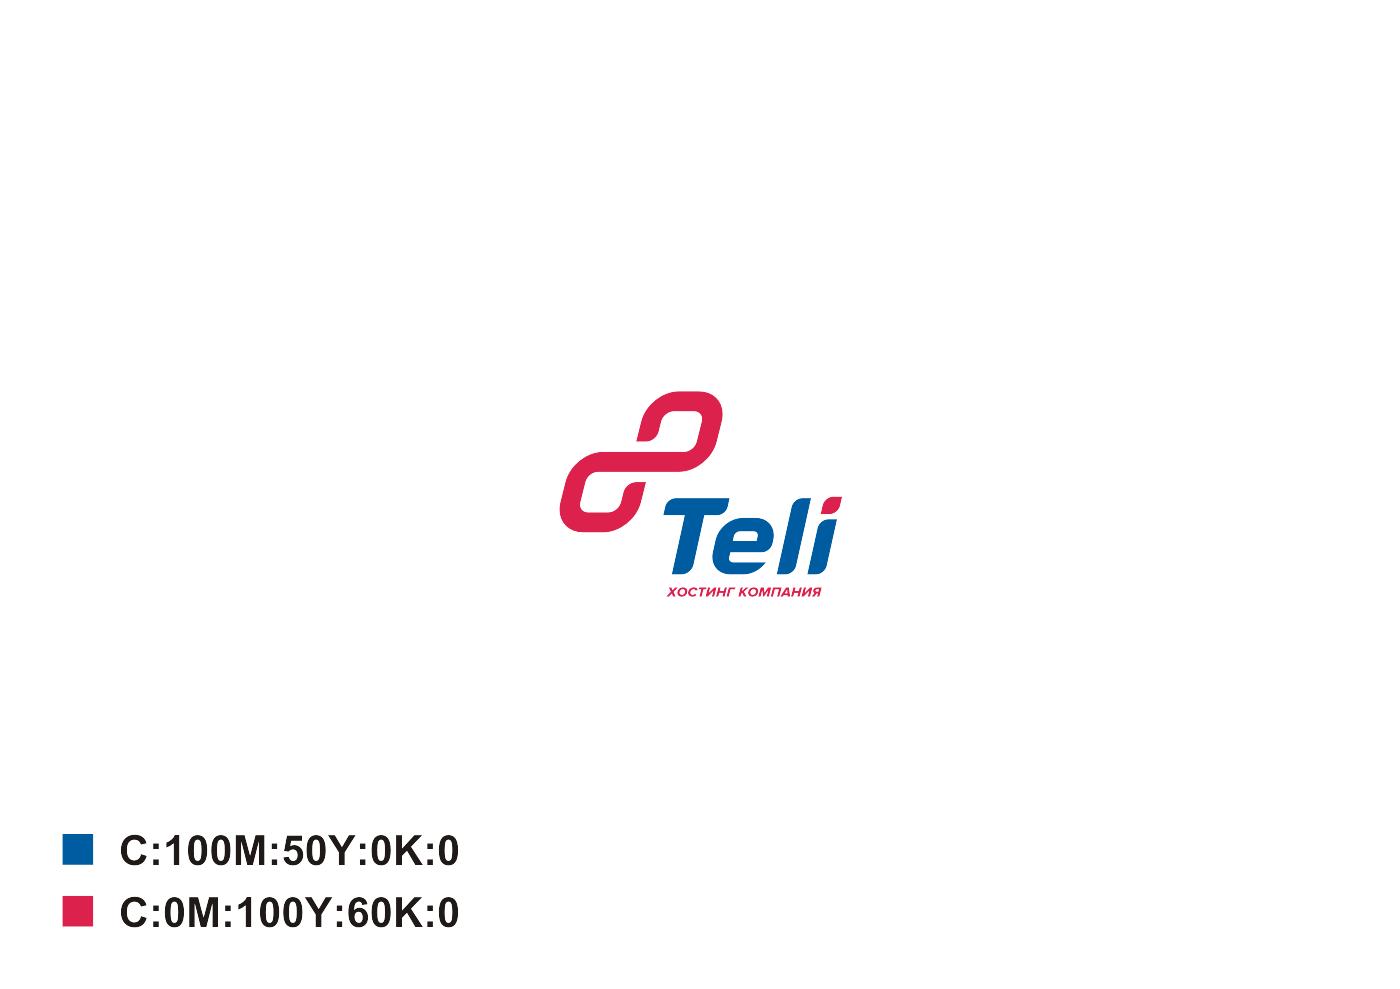 Разработка логотипа и фирменного стиля фото f_1295903401fd3097.png